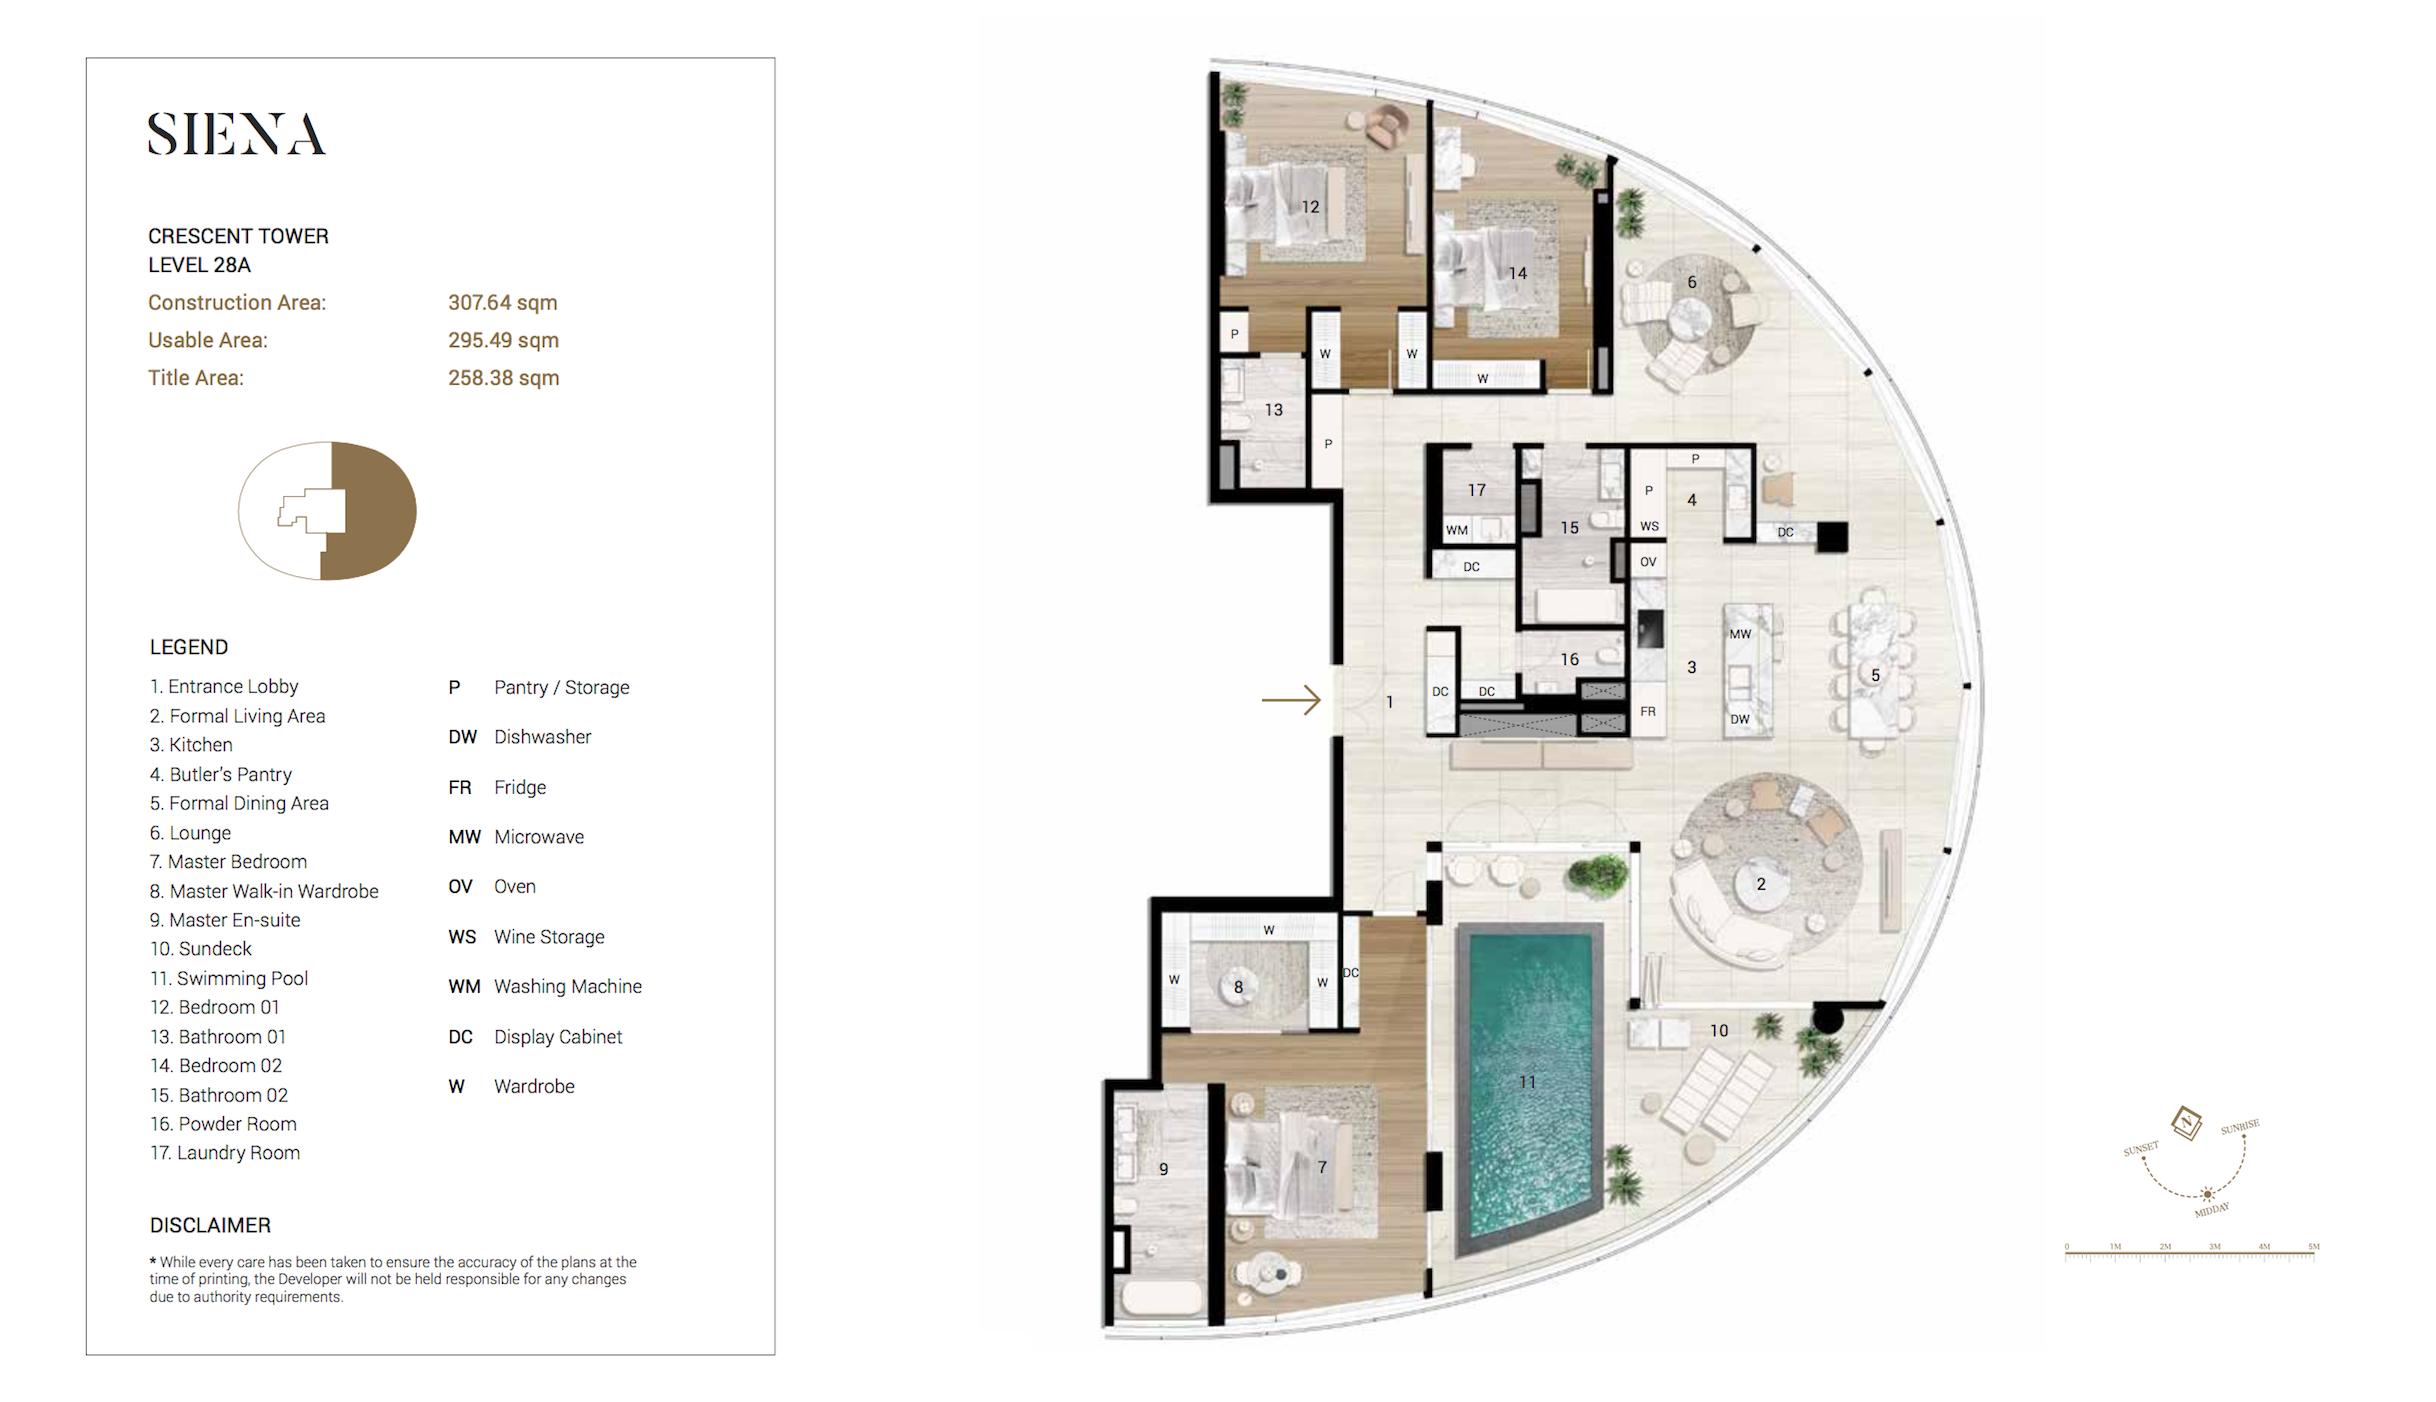 Penthouse City Garden Unit Siena L28a Crescent Tower Plan Condo Luxury Penthouse Floor Plan Design